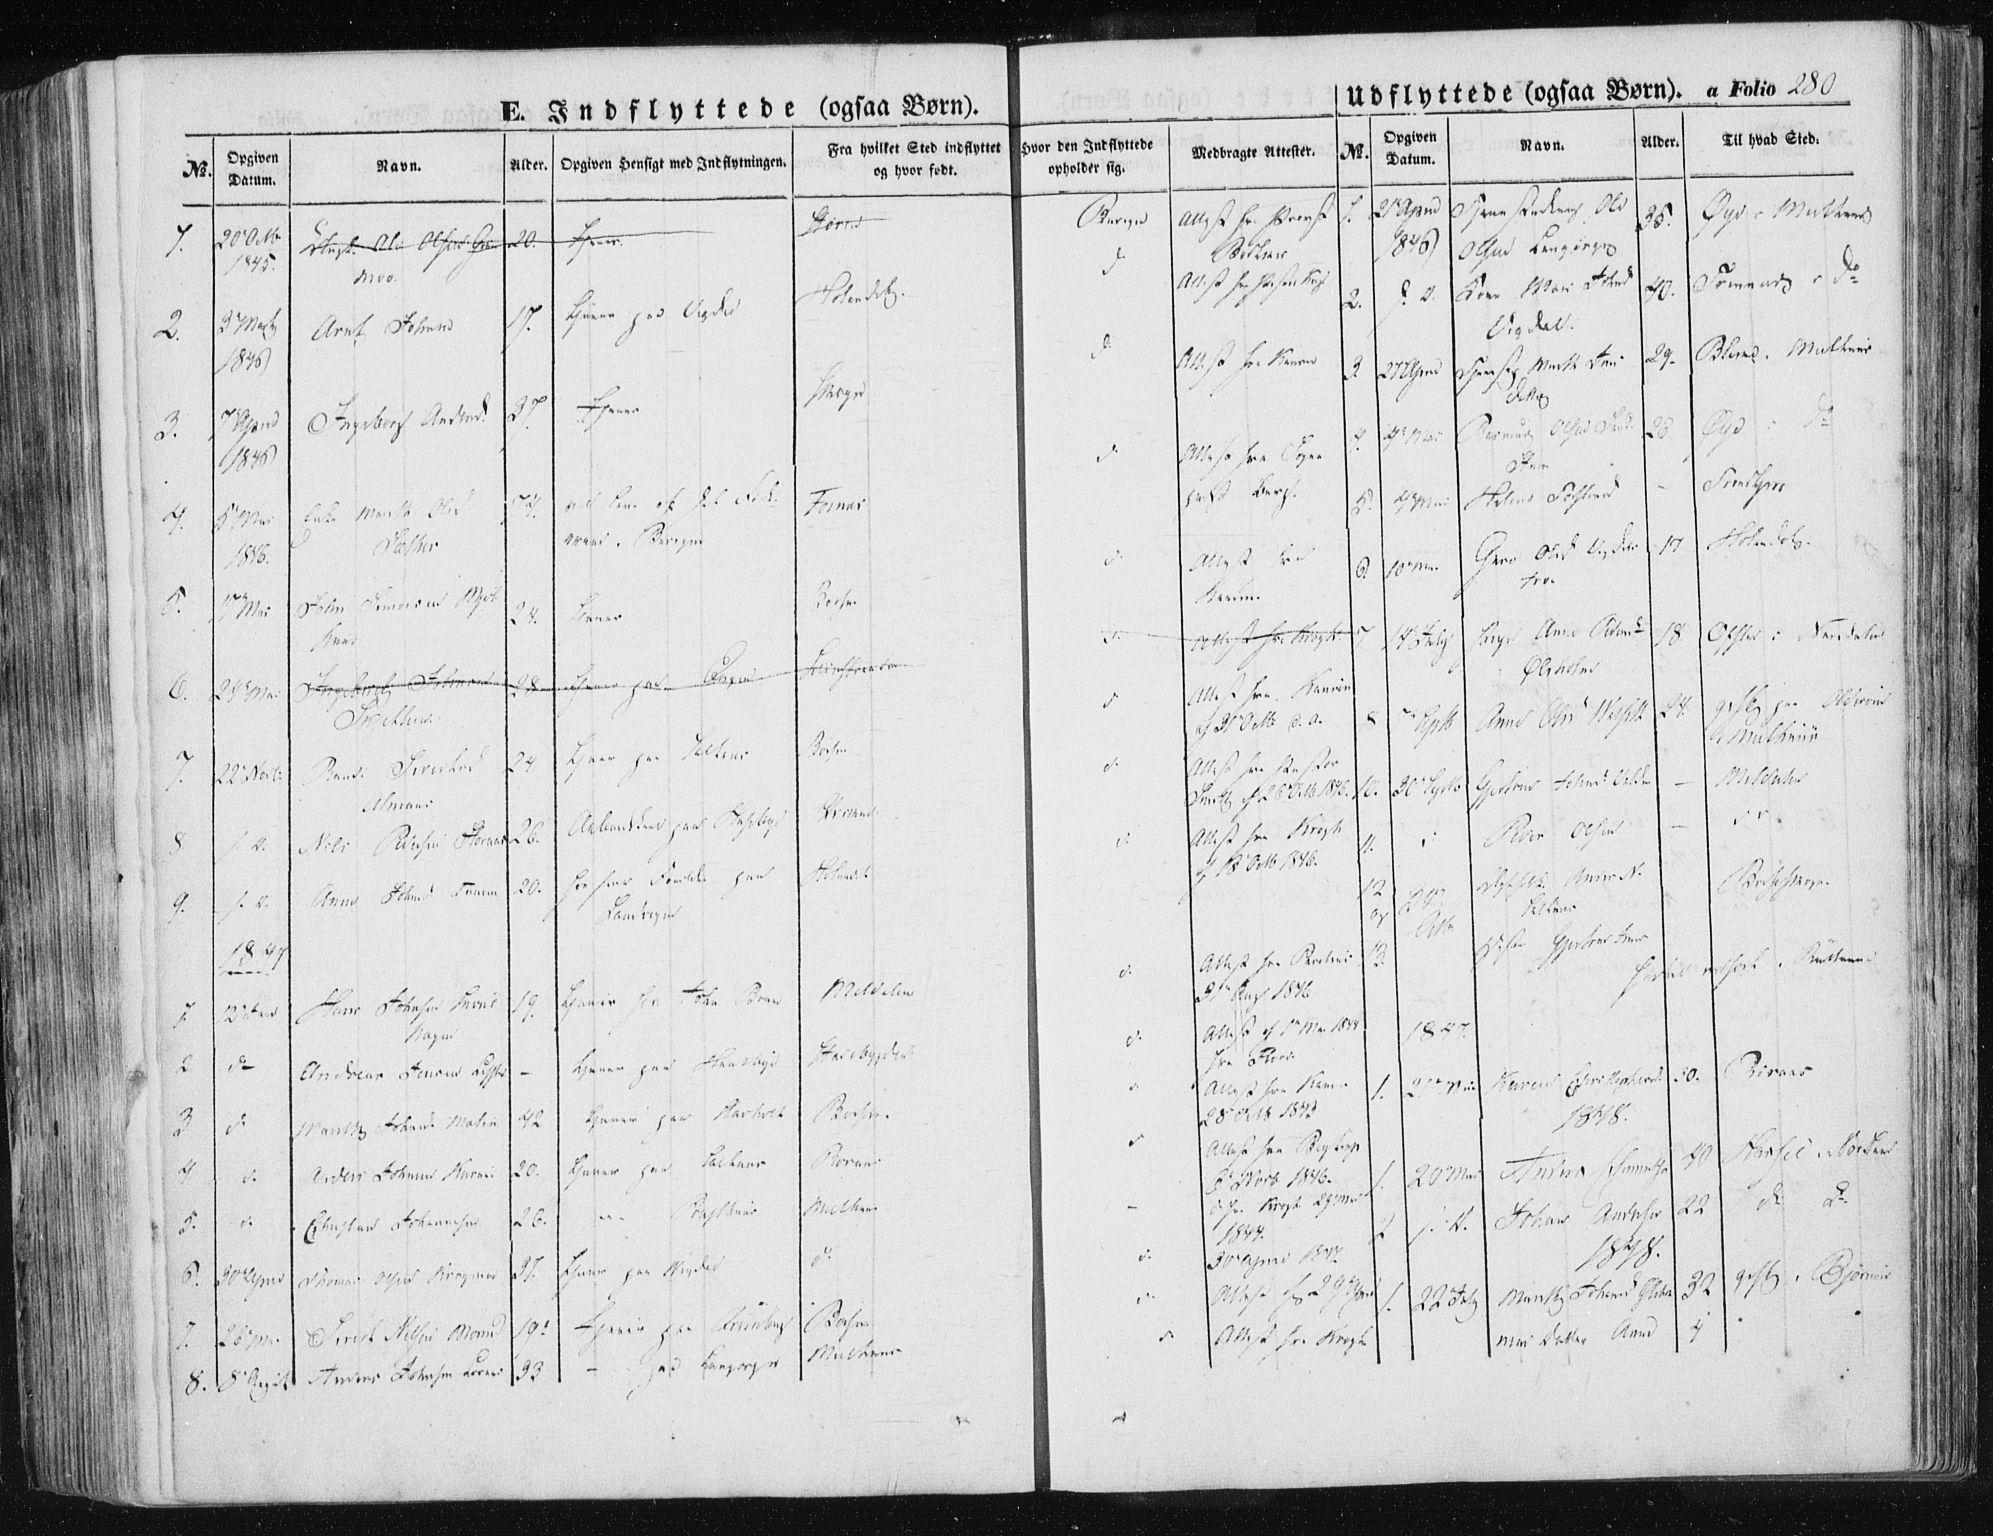 SAT, Ministerialprotokoller, klokkerbøker og fødselsregistre - Sør-Trøndelag, 612/L0376: Ministerialbok nr. 612A08, 1846-1859, s. 280